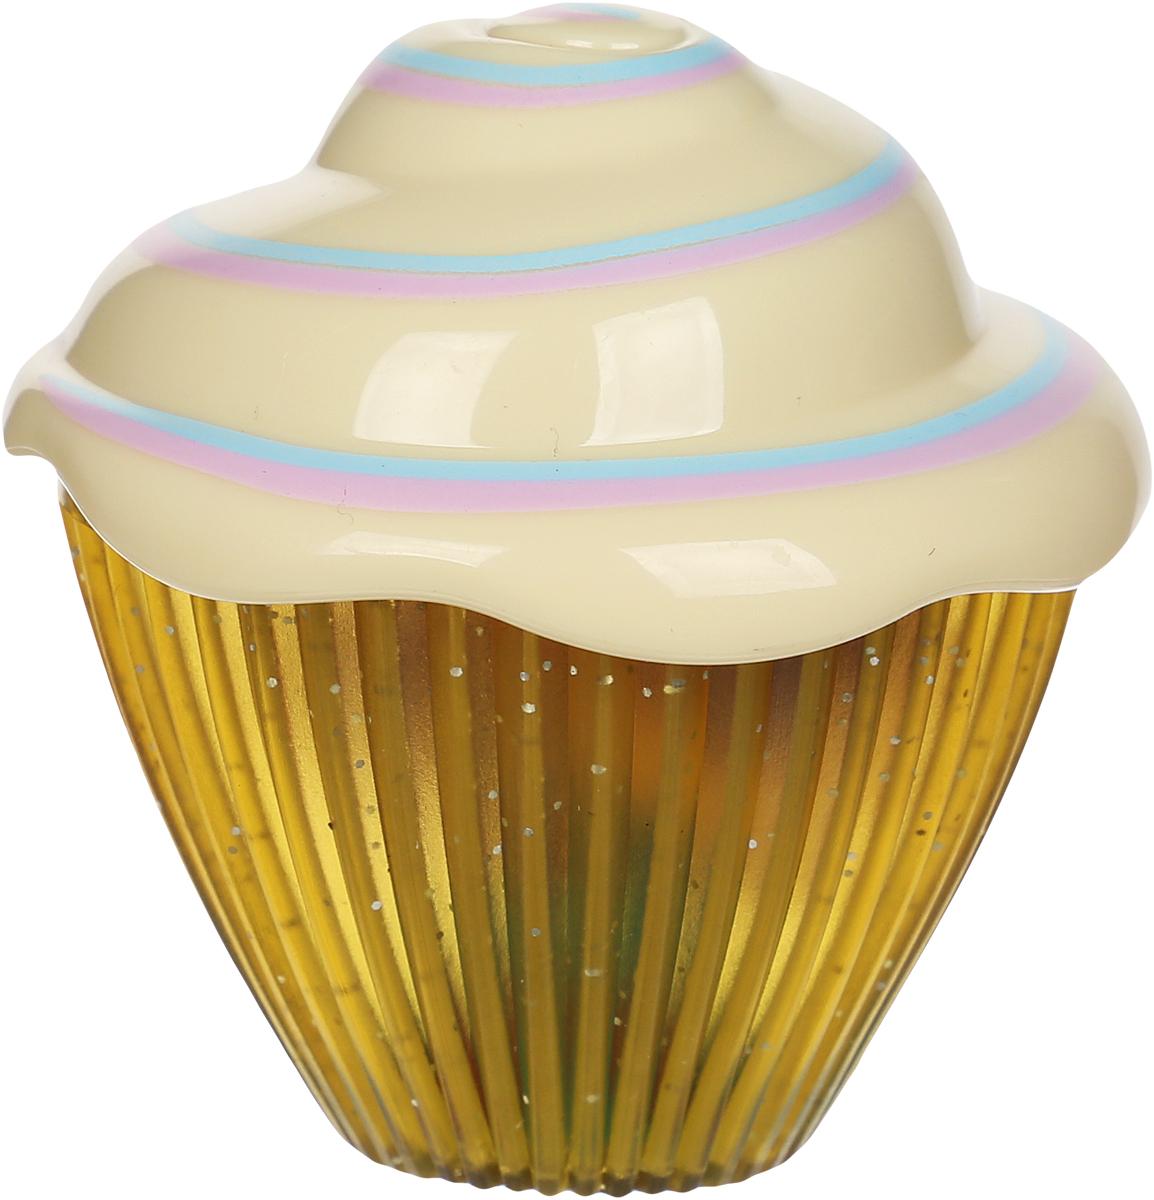 Emco Мини-кукла Mini Cupcake Surprise цвет желтый голубой розовый defa toys кукла lucy happy wedding цвет платья розовый